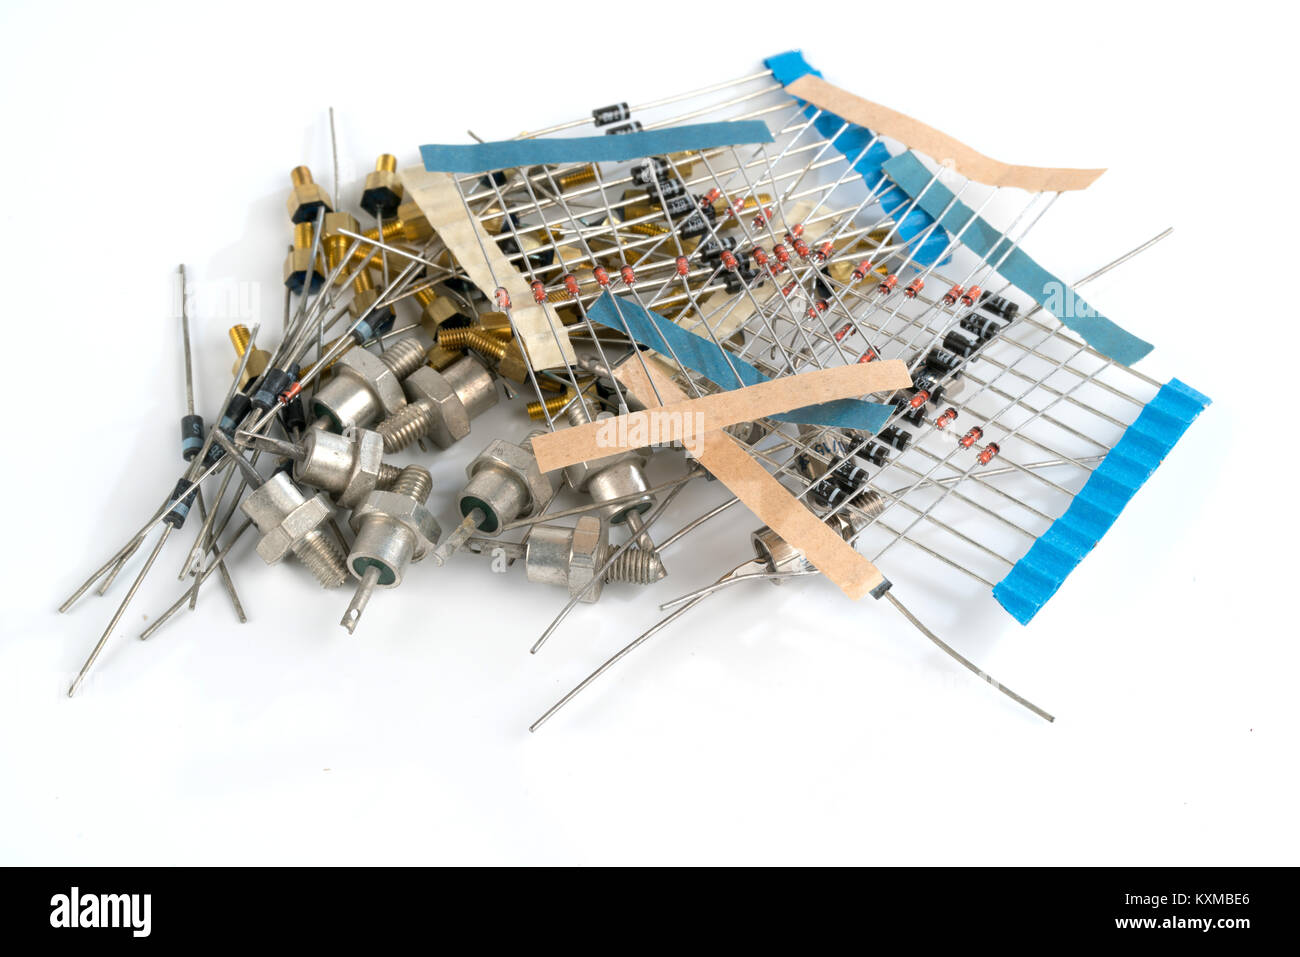 Ungewöhnlich Symbol Für Elektronische Komponenten Ideen ...